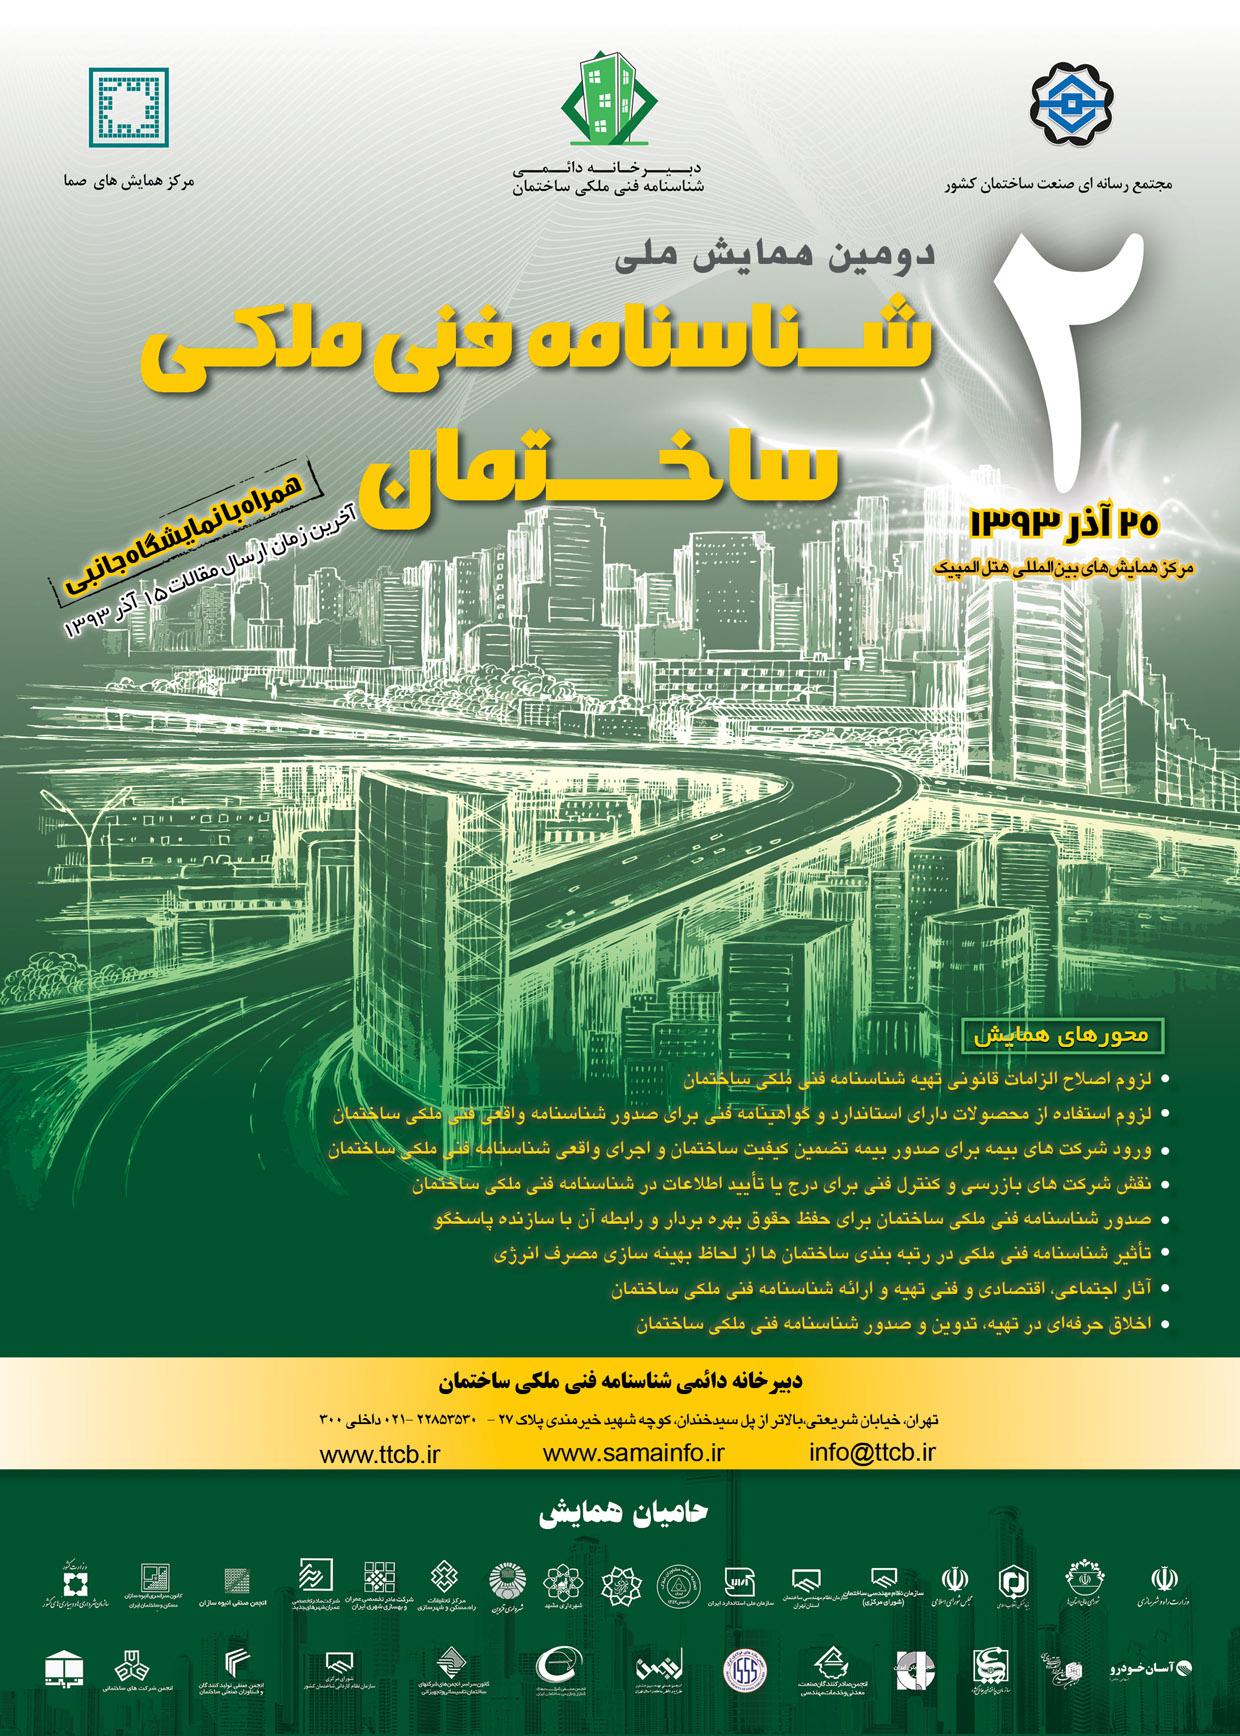 دومین همایش ملی شناسنامه فنی ملکی ساختمان